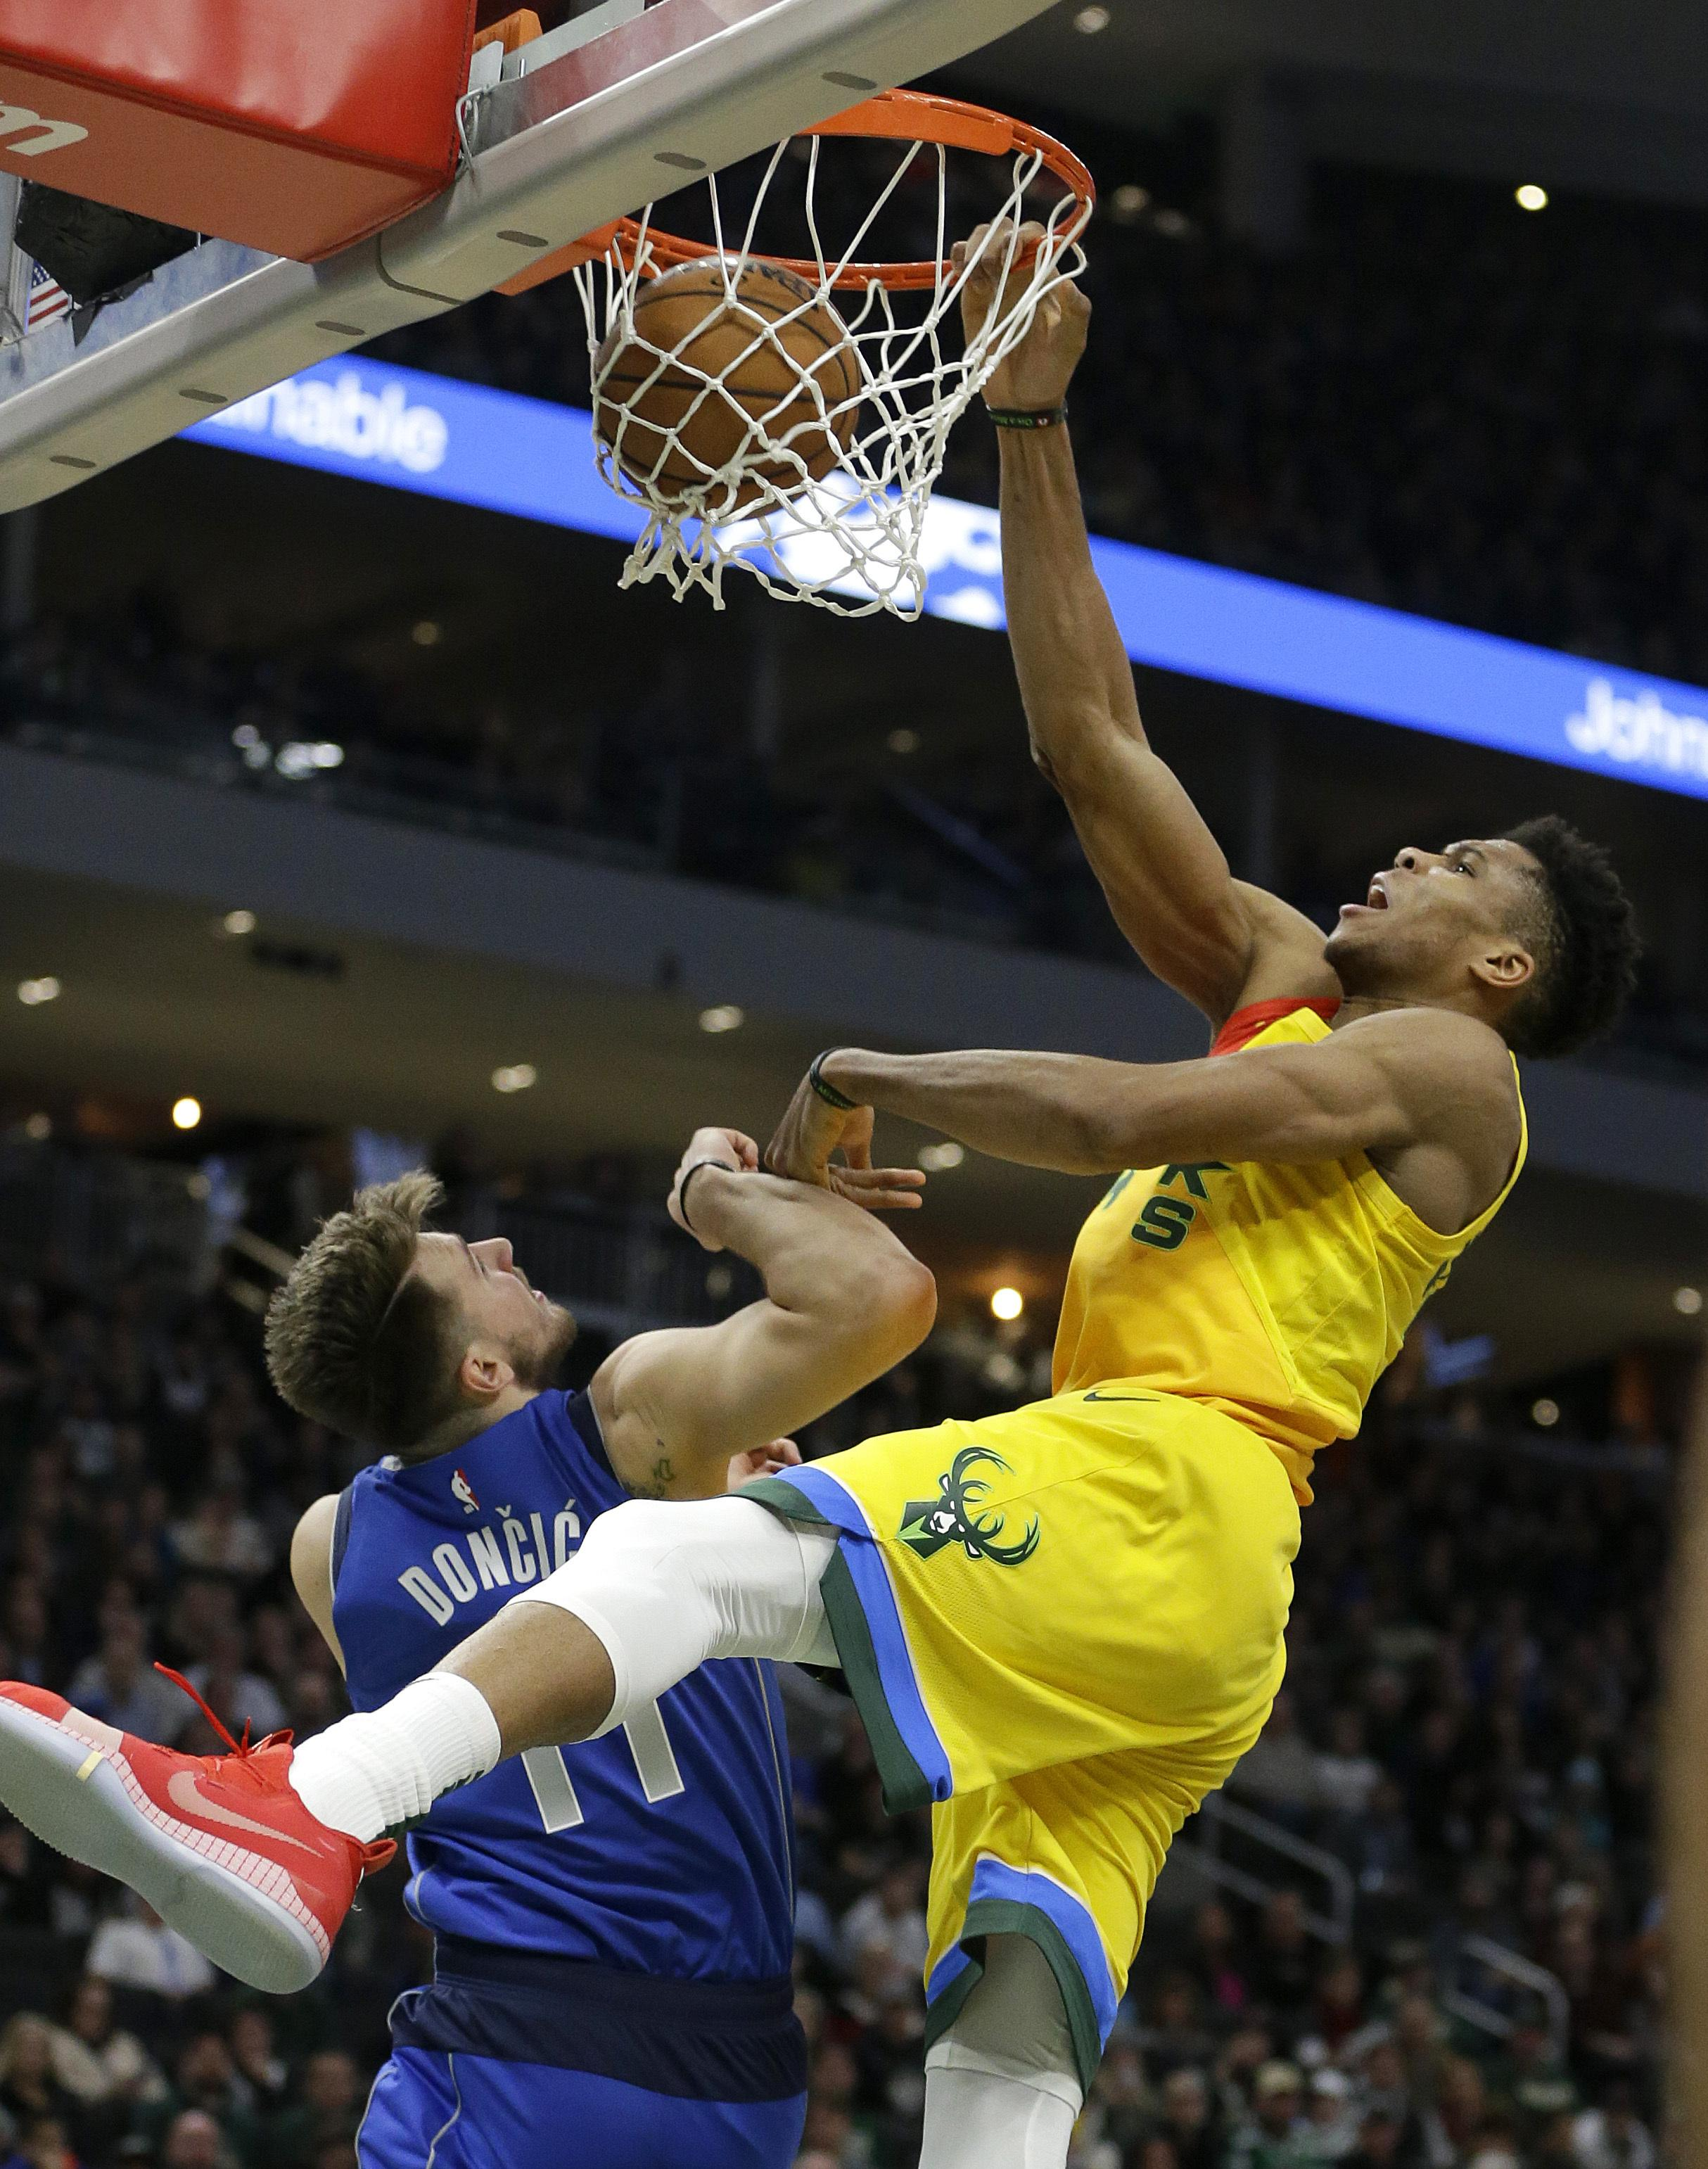 On Basketball: Giannis Antetokounmpo's dunk wins Round 1